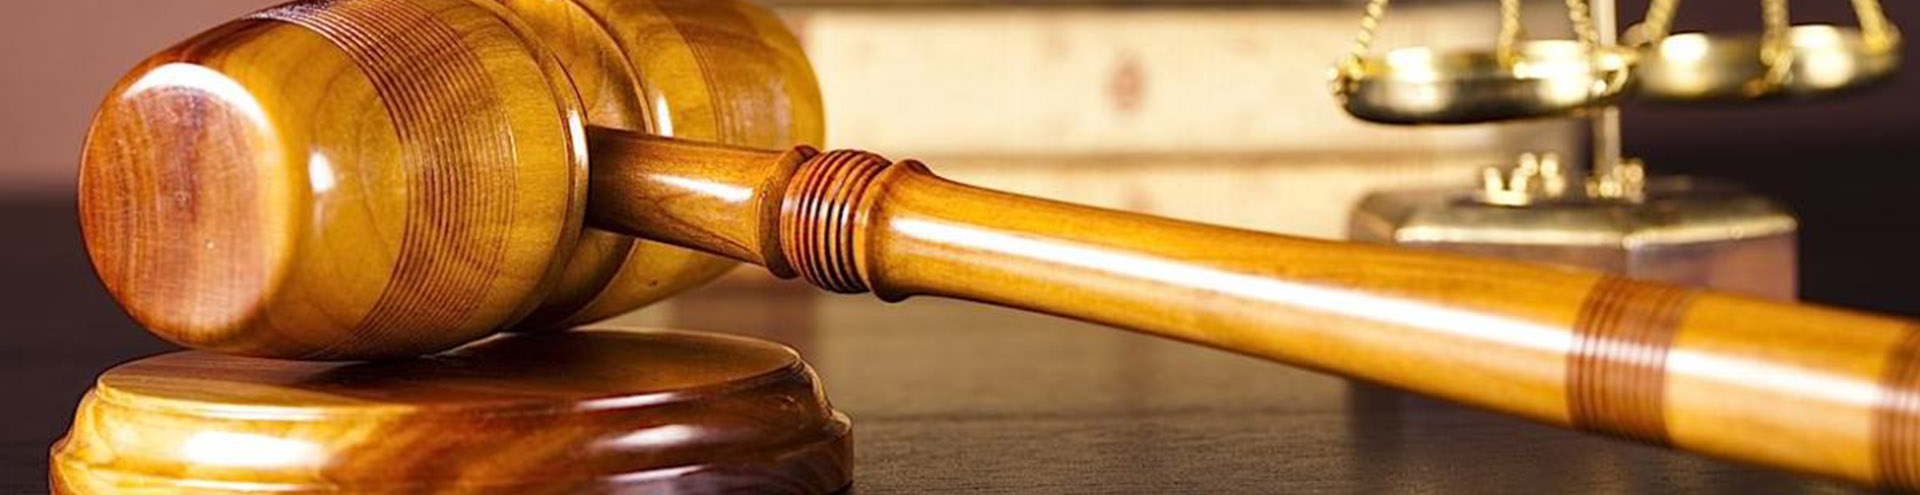 обжалование решения суда в Рязани и Рязанской области